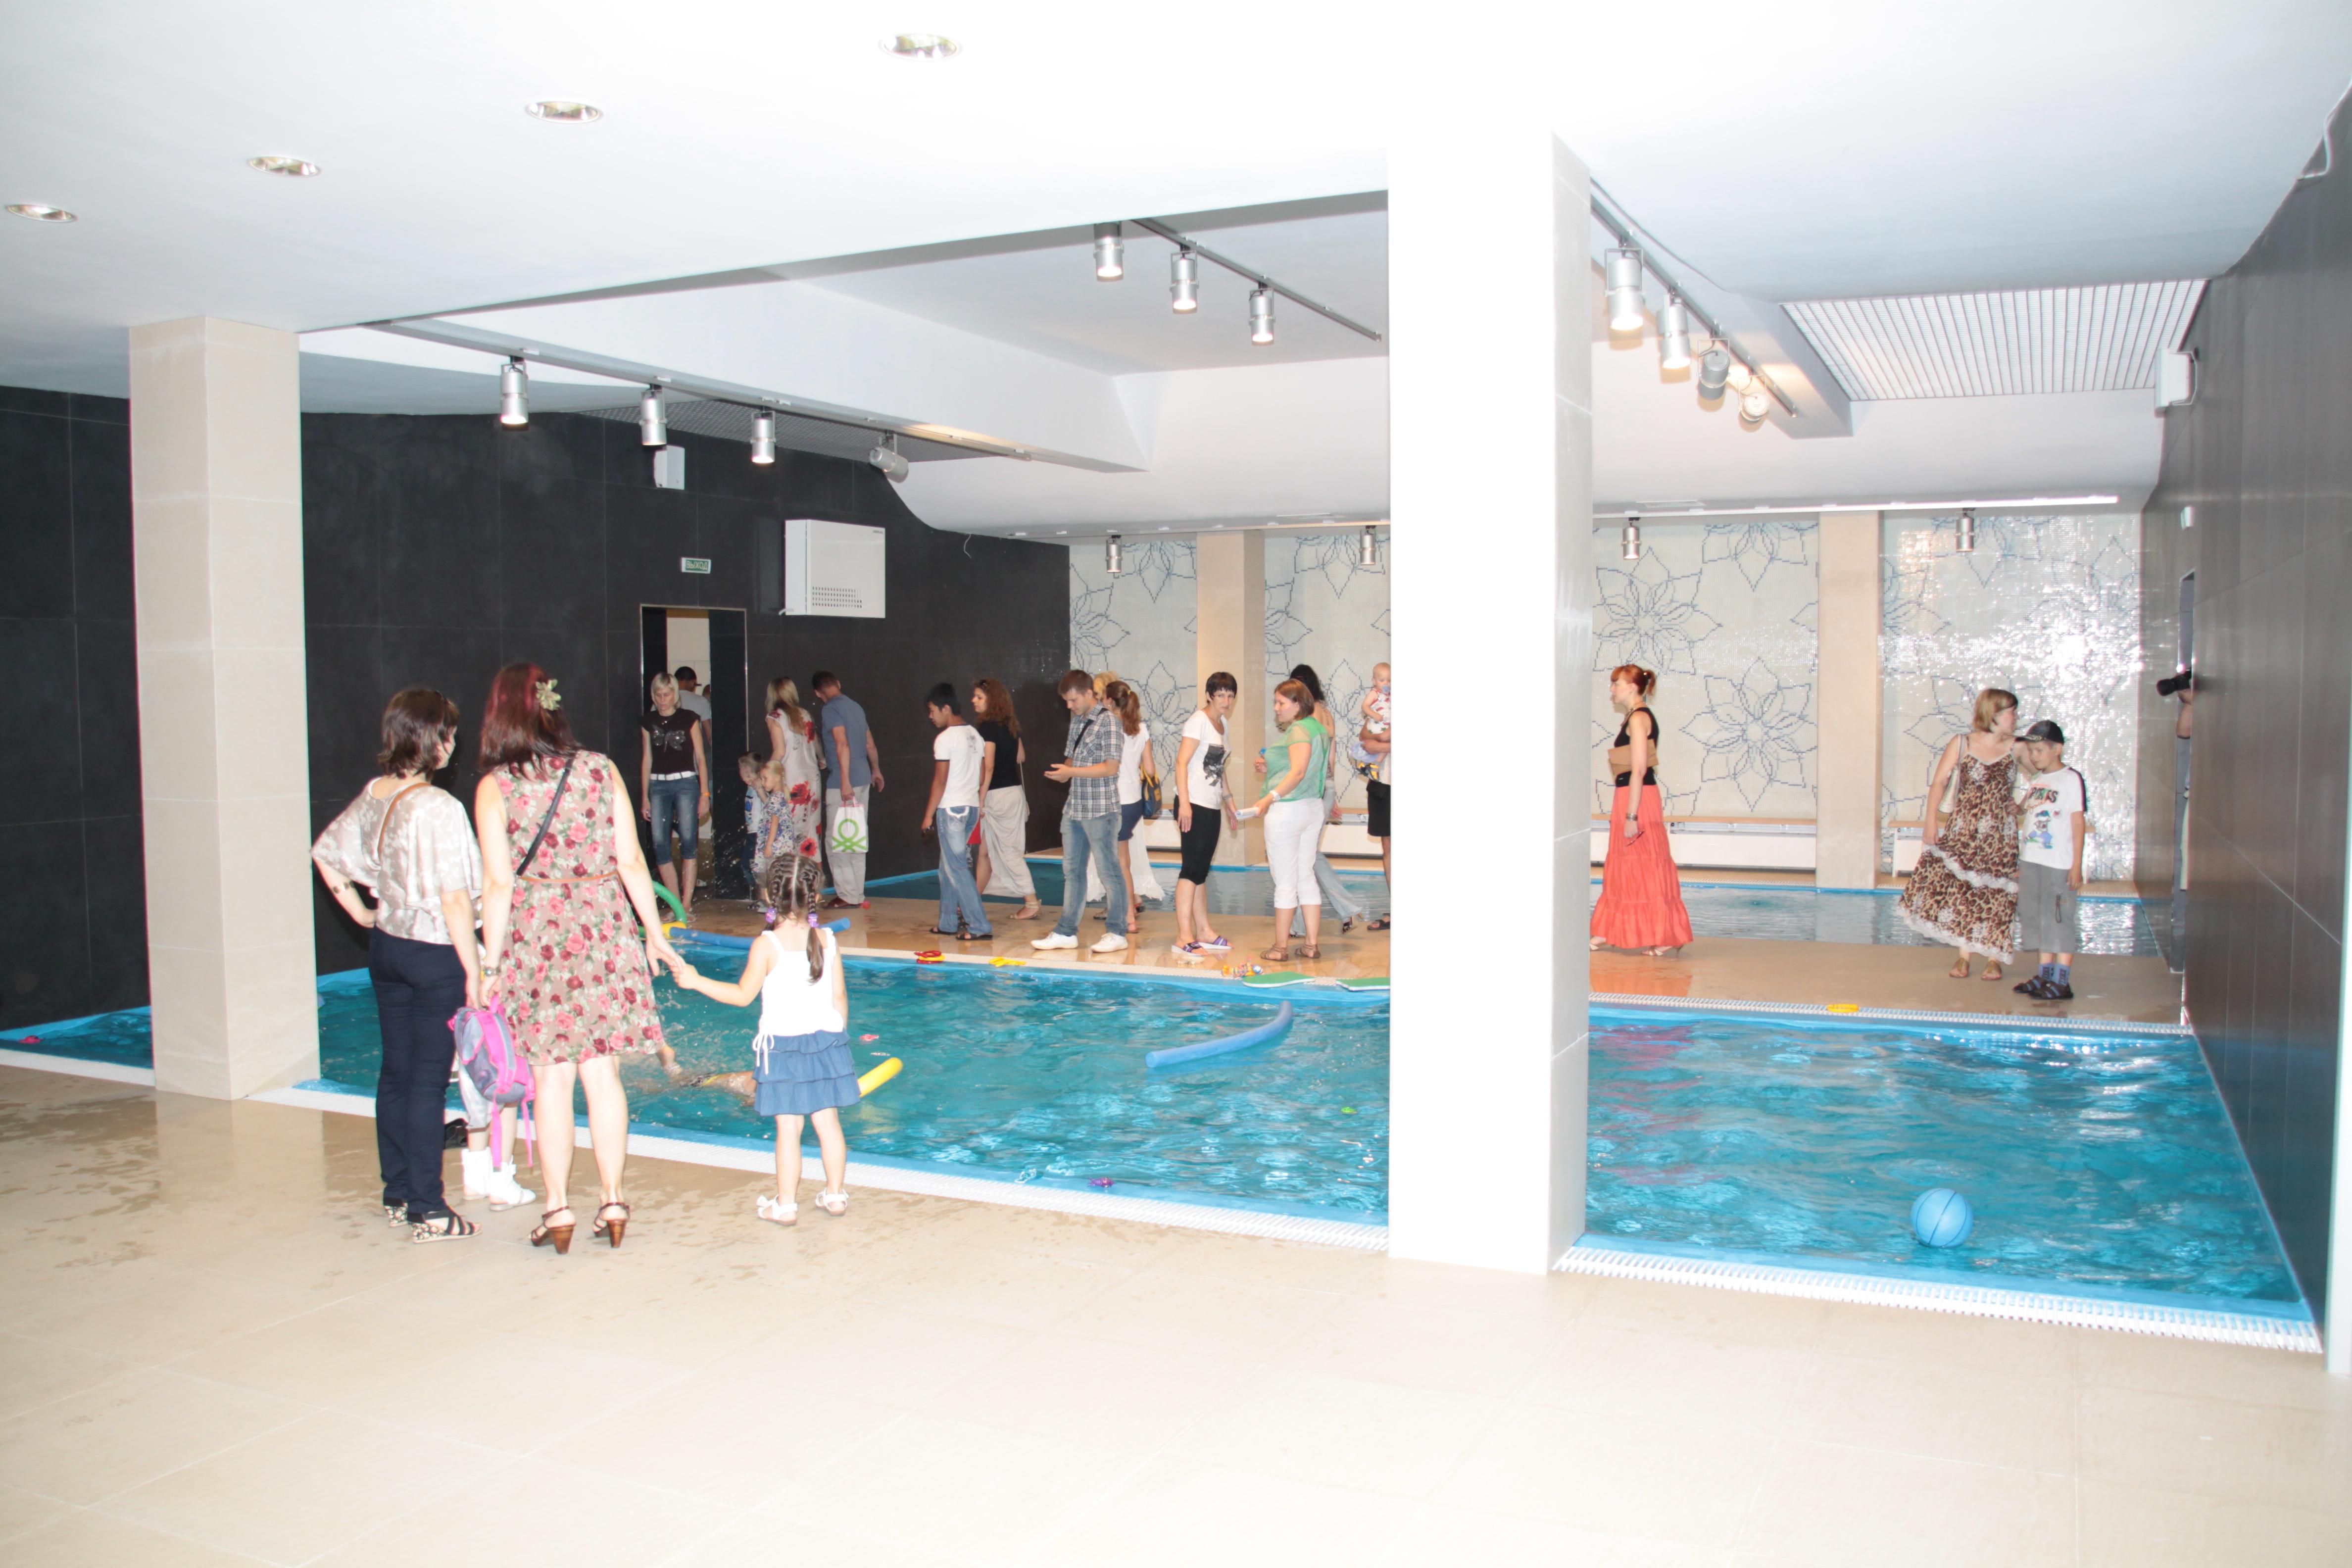 Фитнес клуб Глобал в Хабаровске. Десткие бассейны расположены на втором этаже в один уровень со взросоым большыим бассейном, что прямо за спиной фотографа.